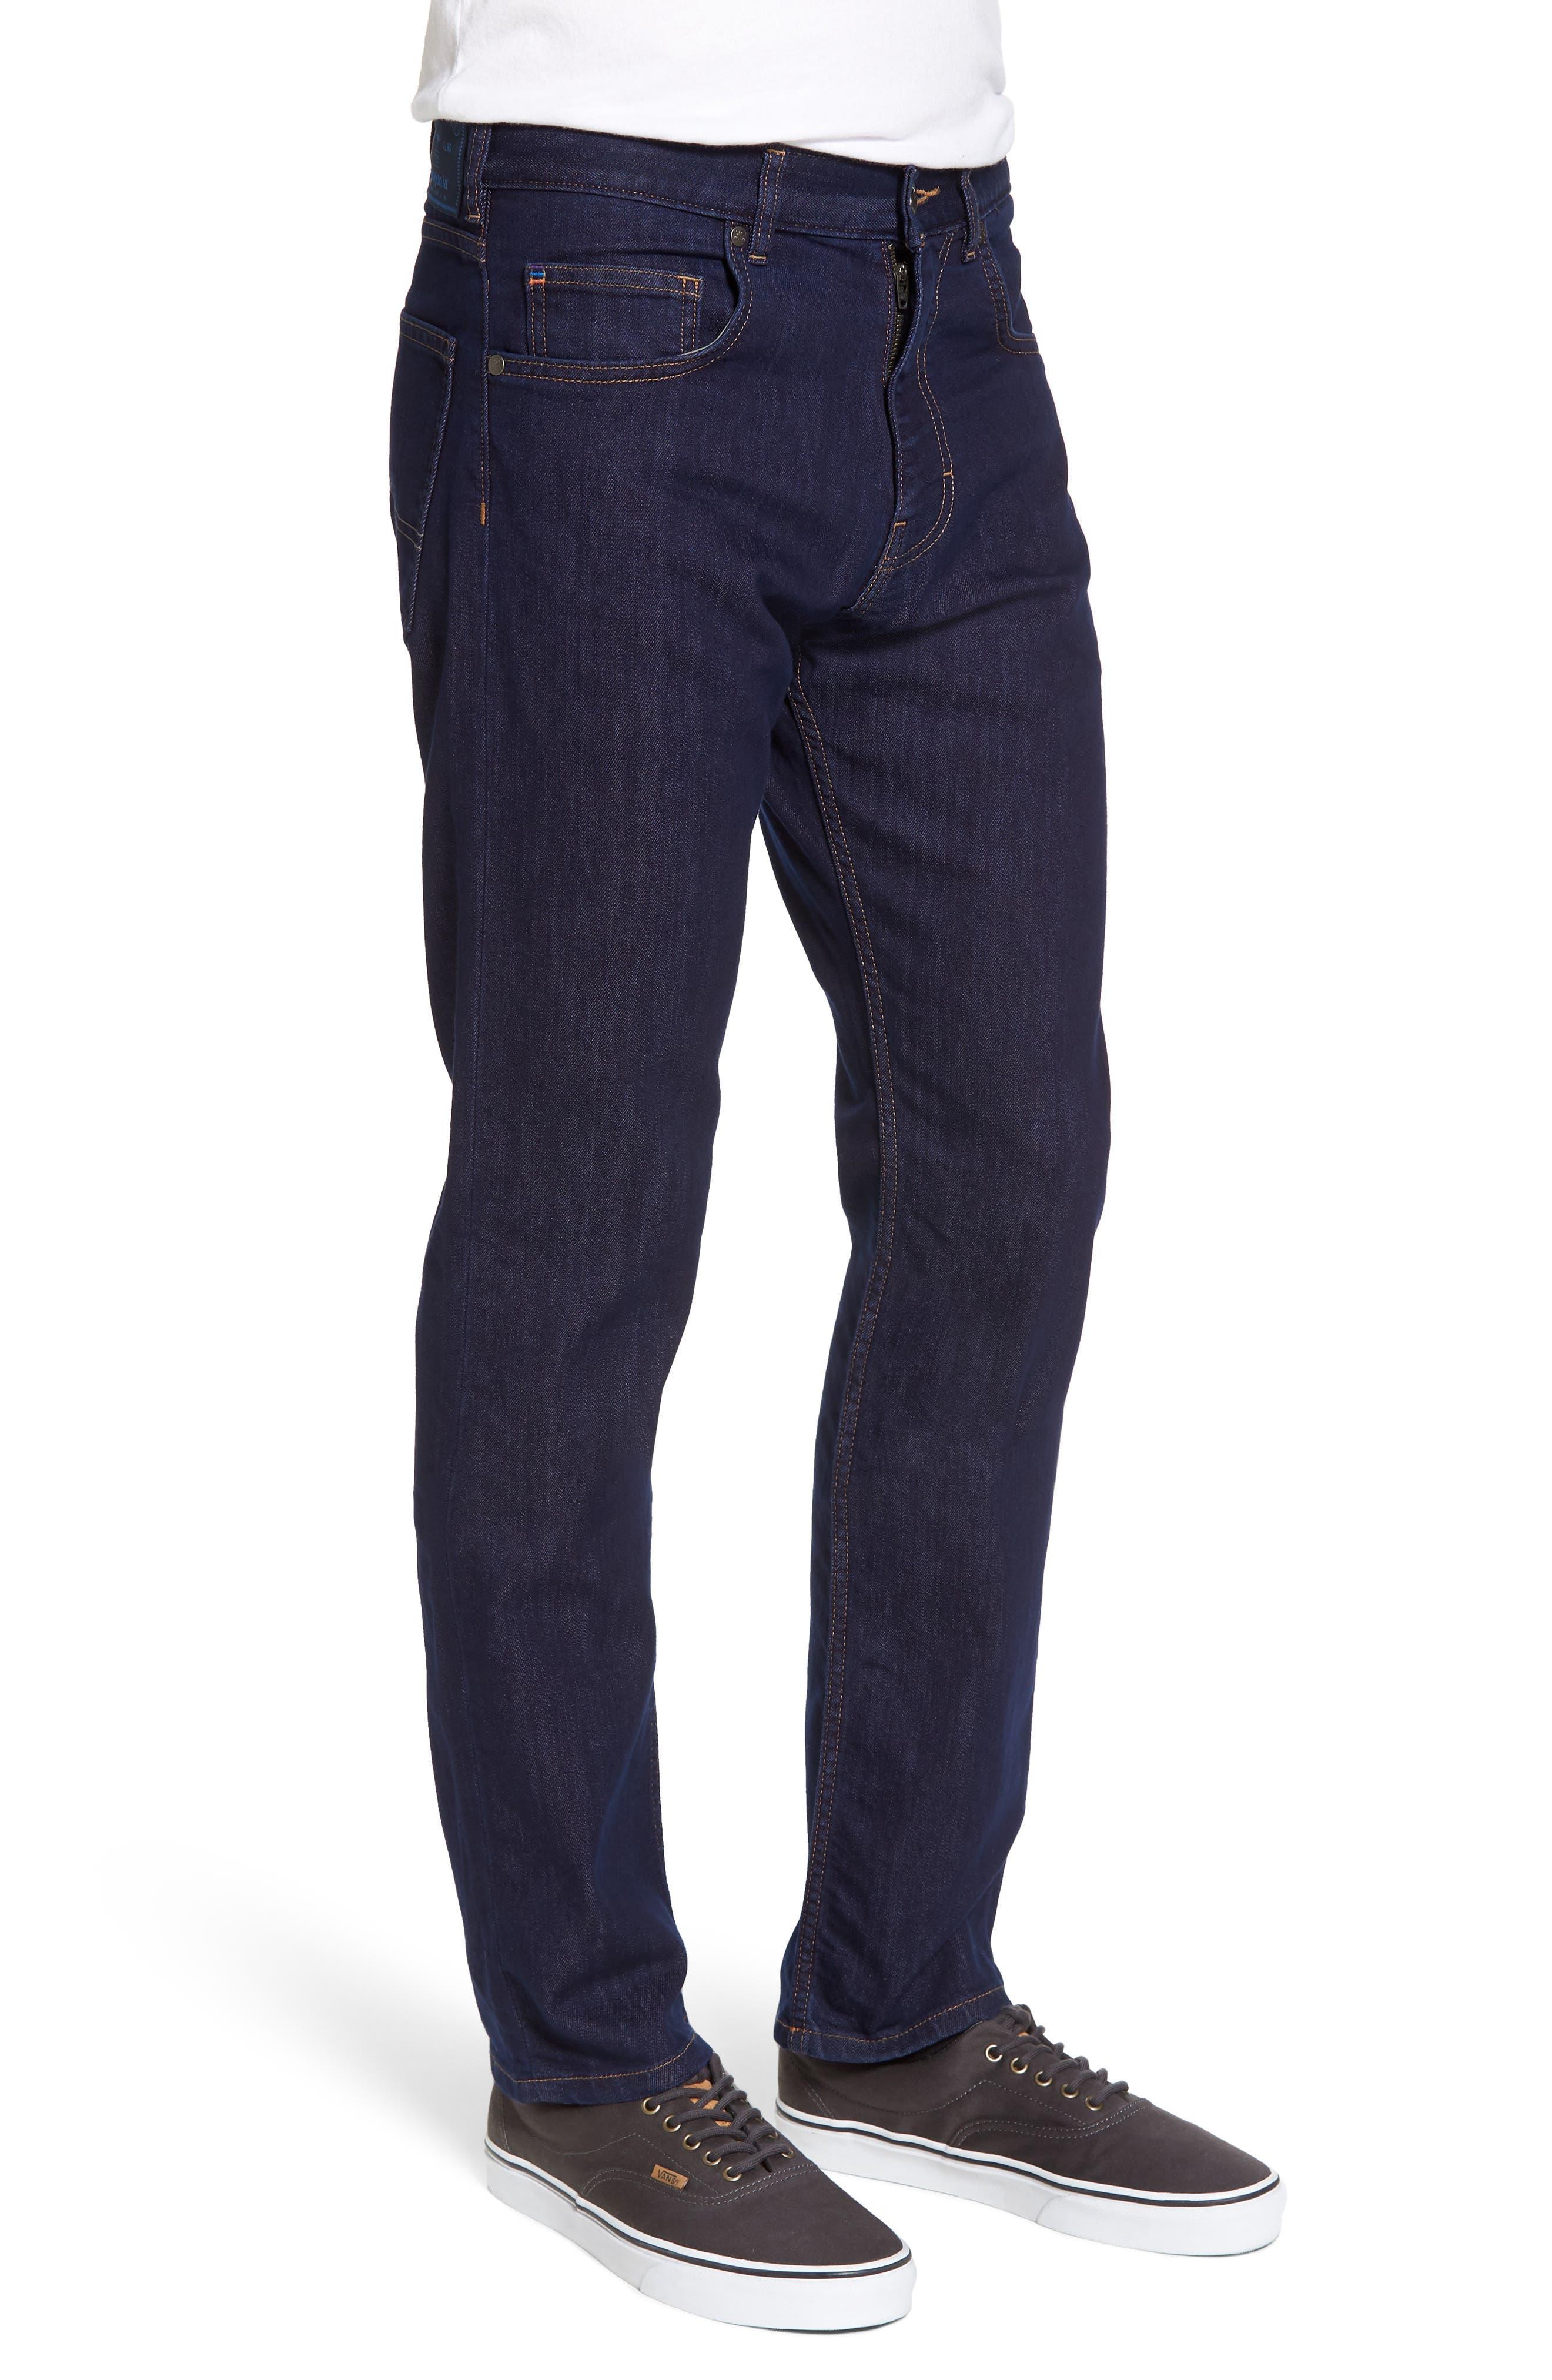 Straight Leg Performance Jeans,                             Alternate thumbnail 3, color,                             DARK DENIM